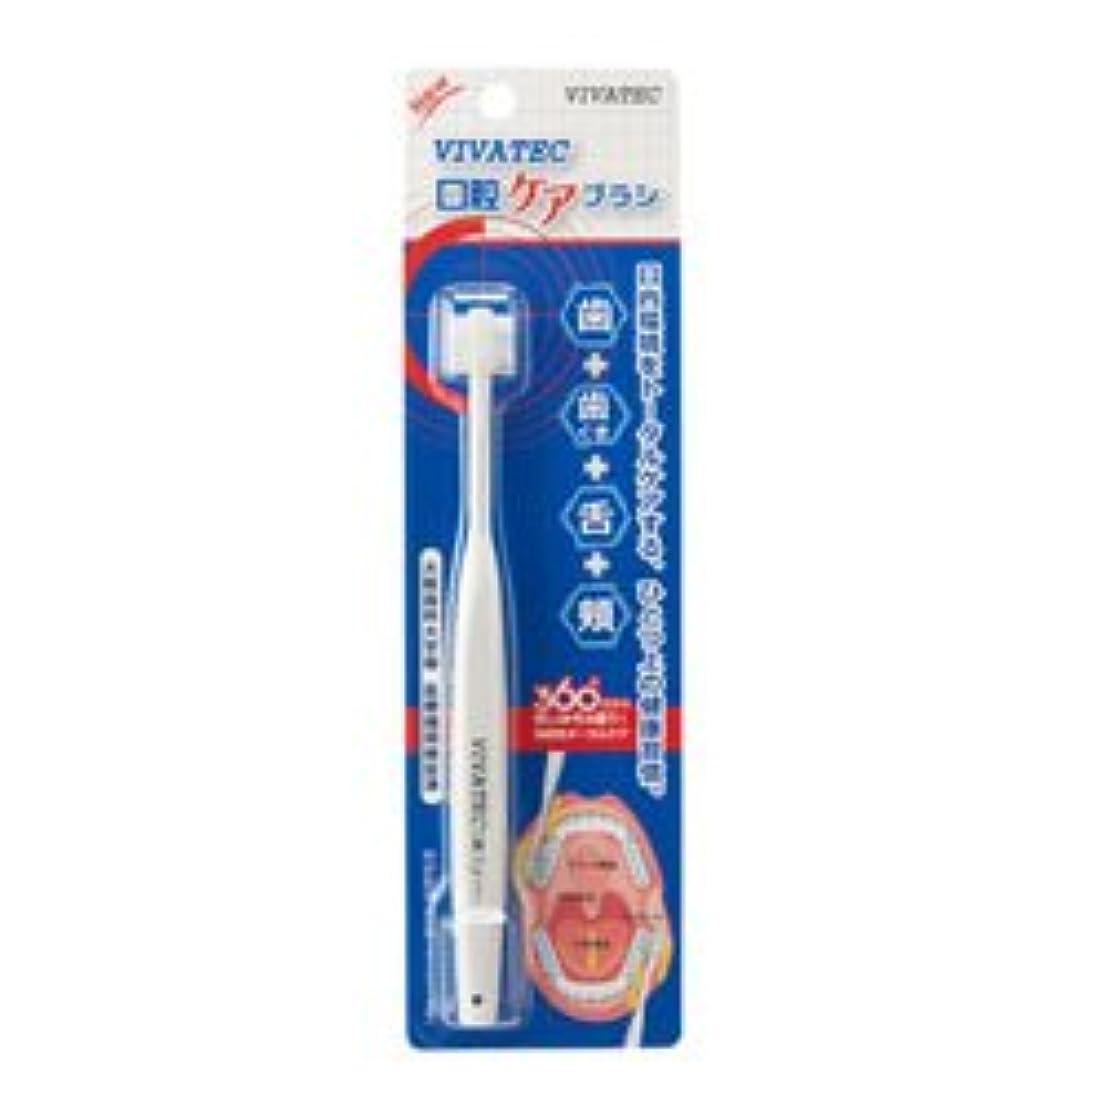 【ビバテック】VIVATEC 口腔ケアブラシ ×10個セット